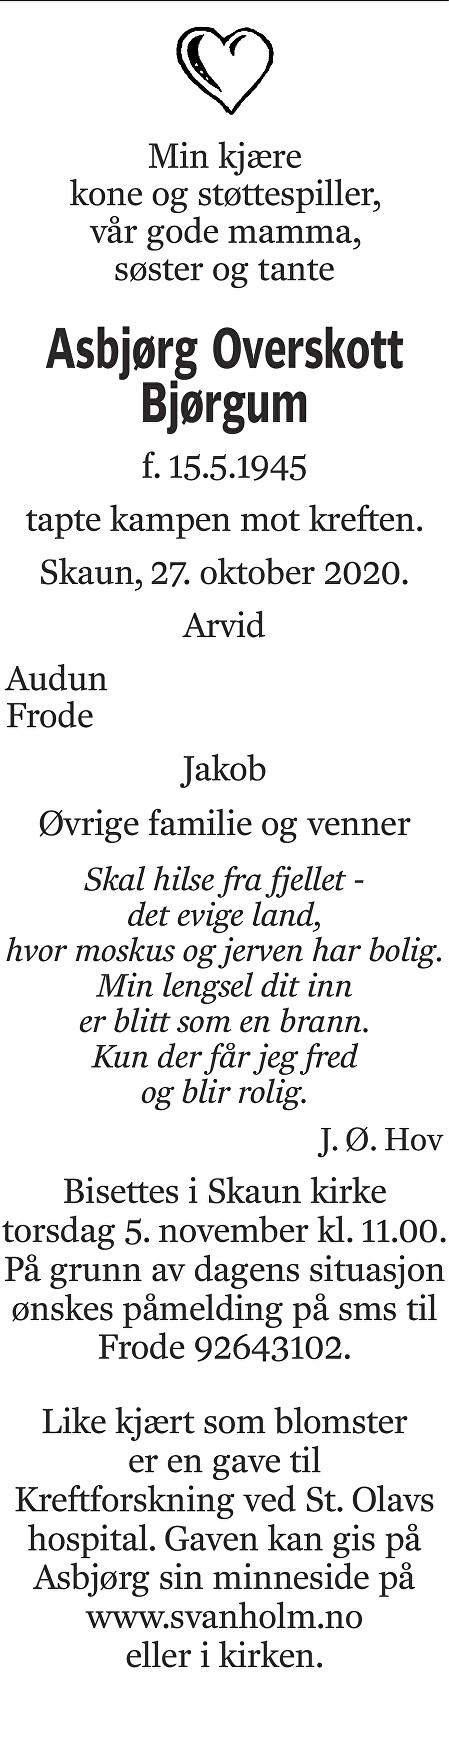 Asbjørg Overskott Bjørgum Dødsannonse